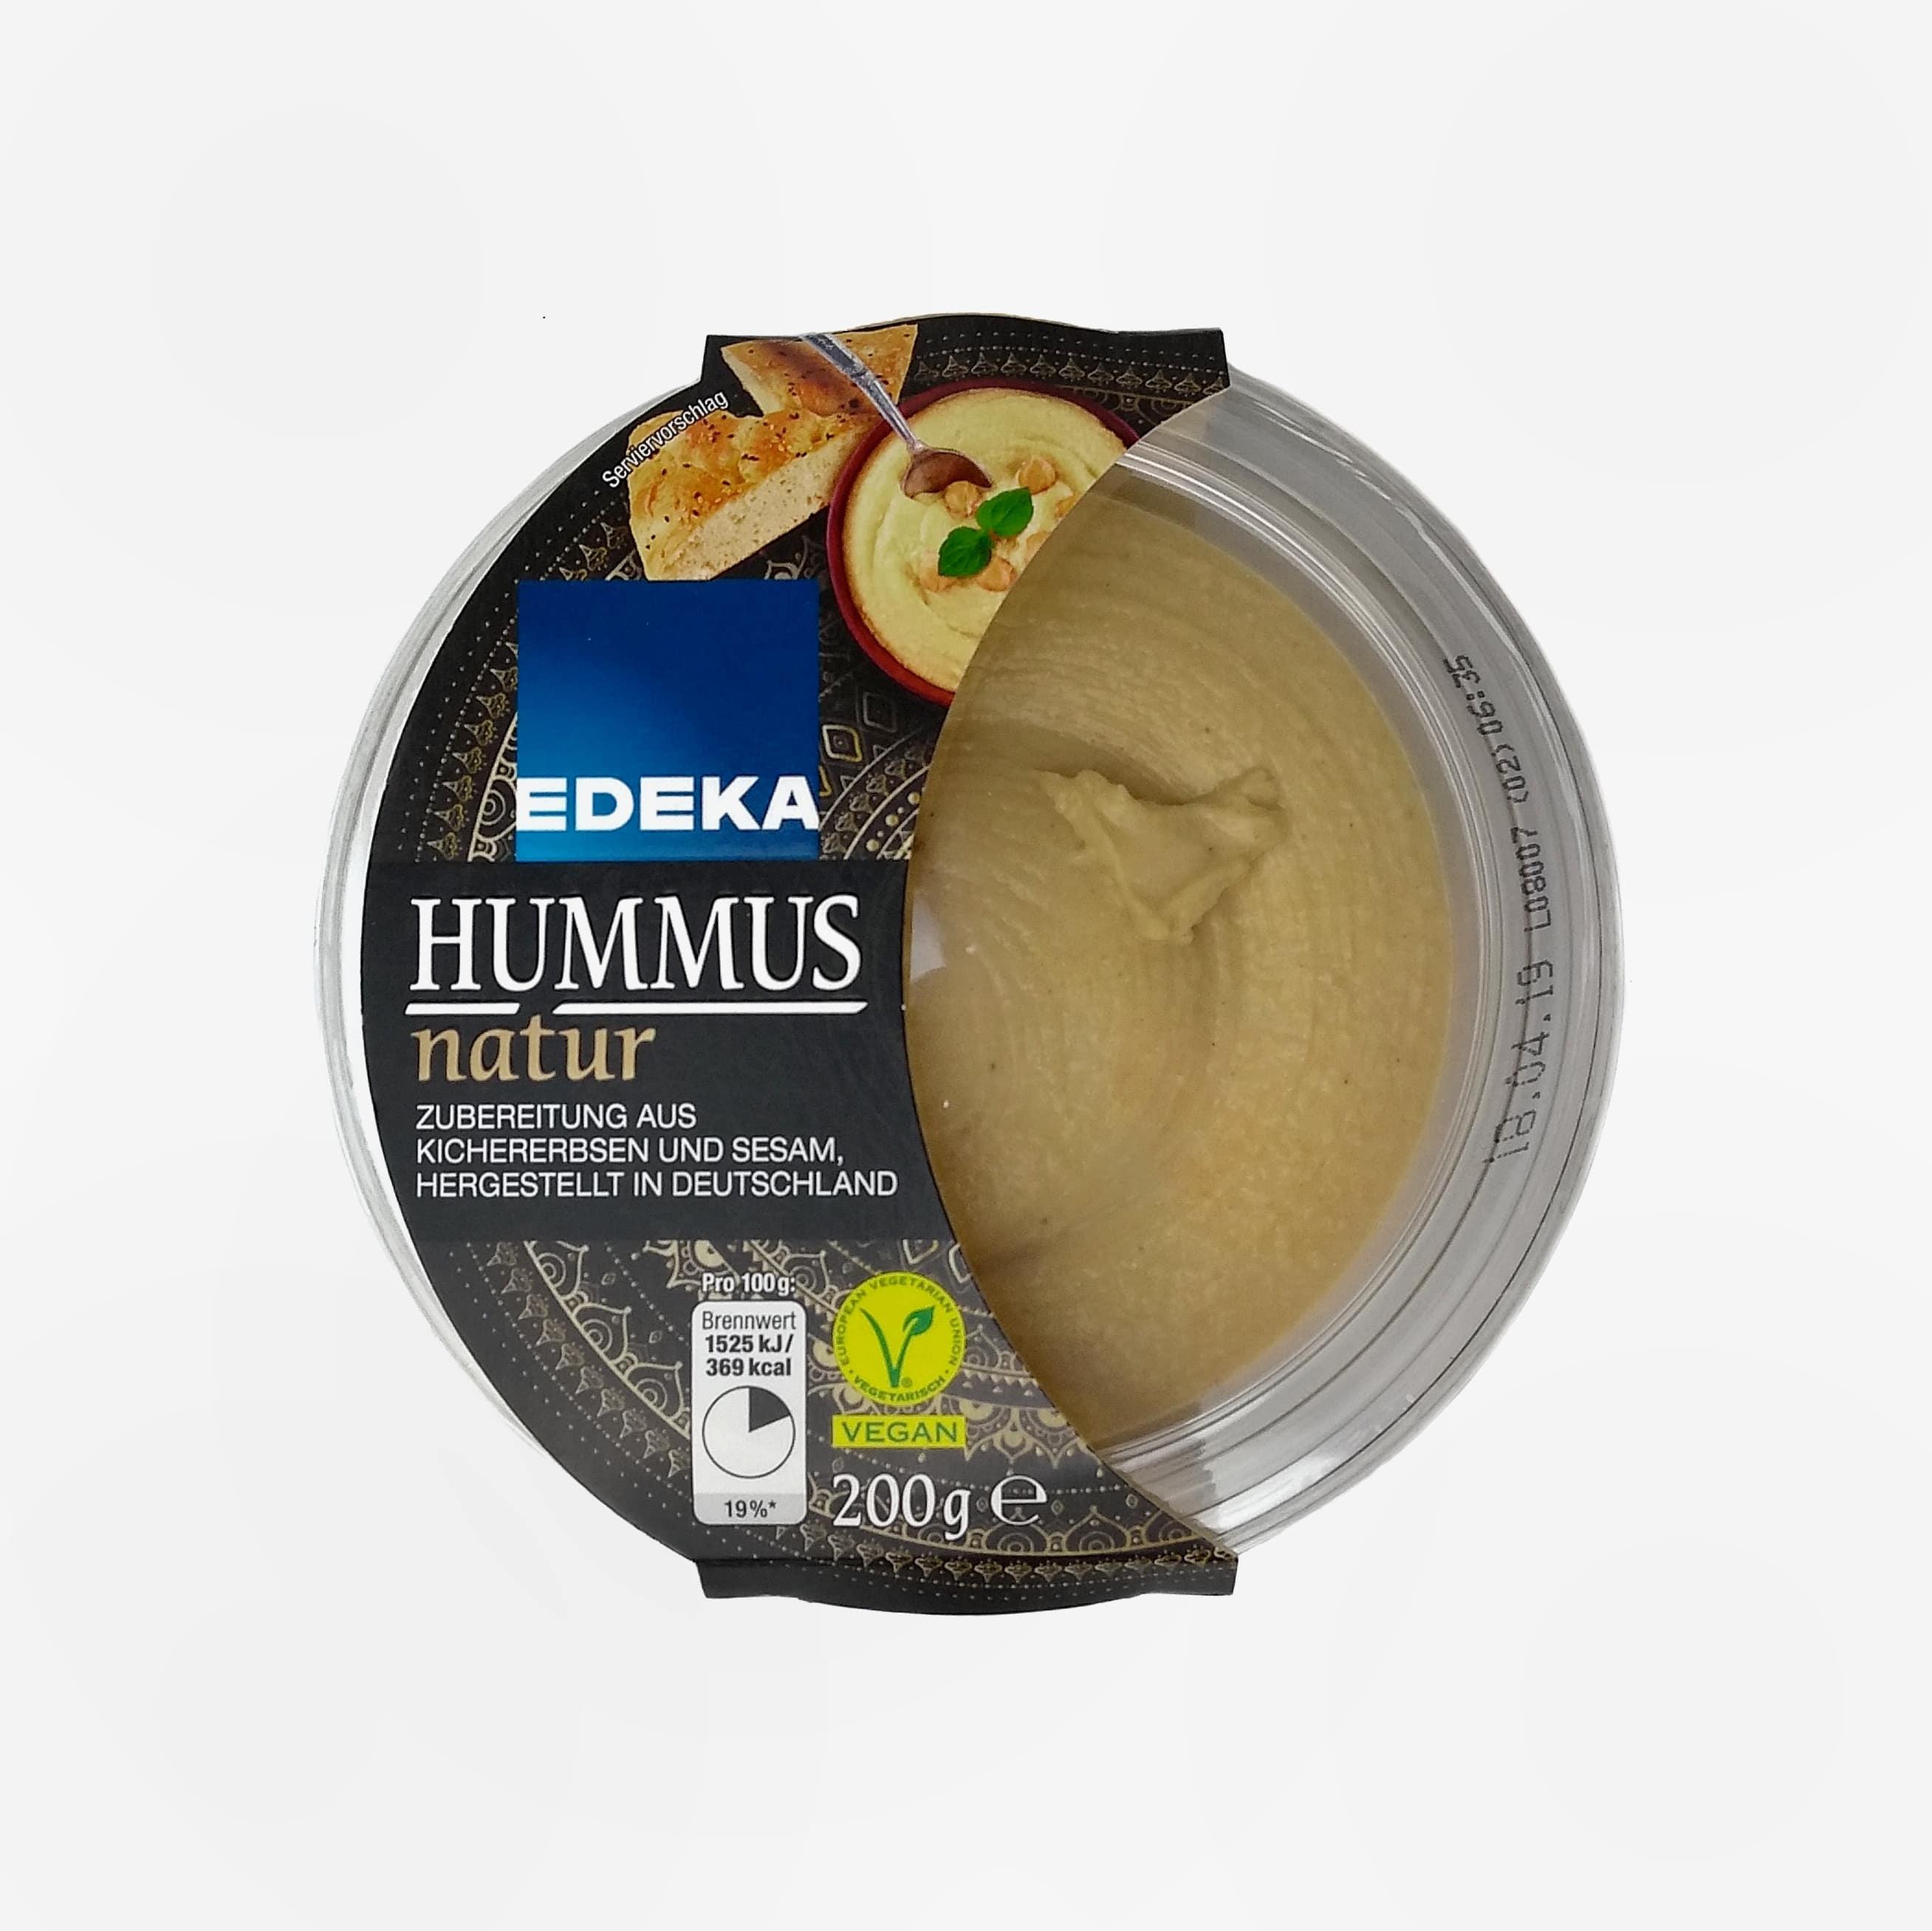 Hummus Natur